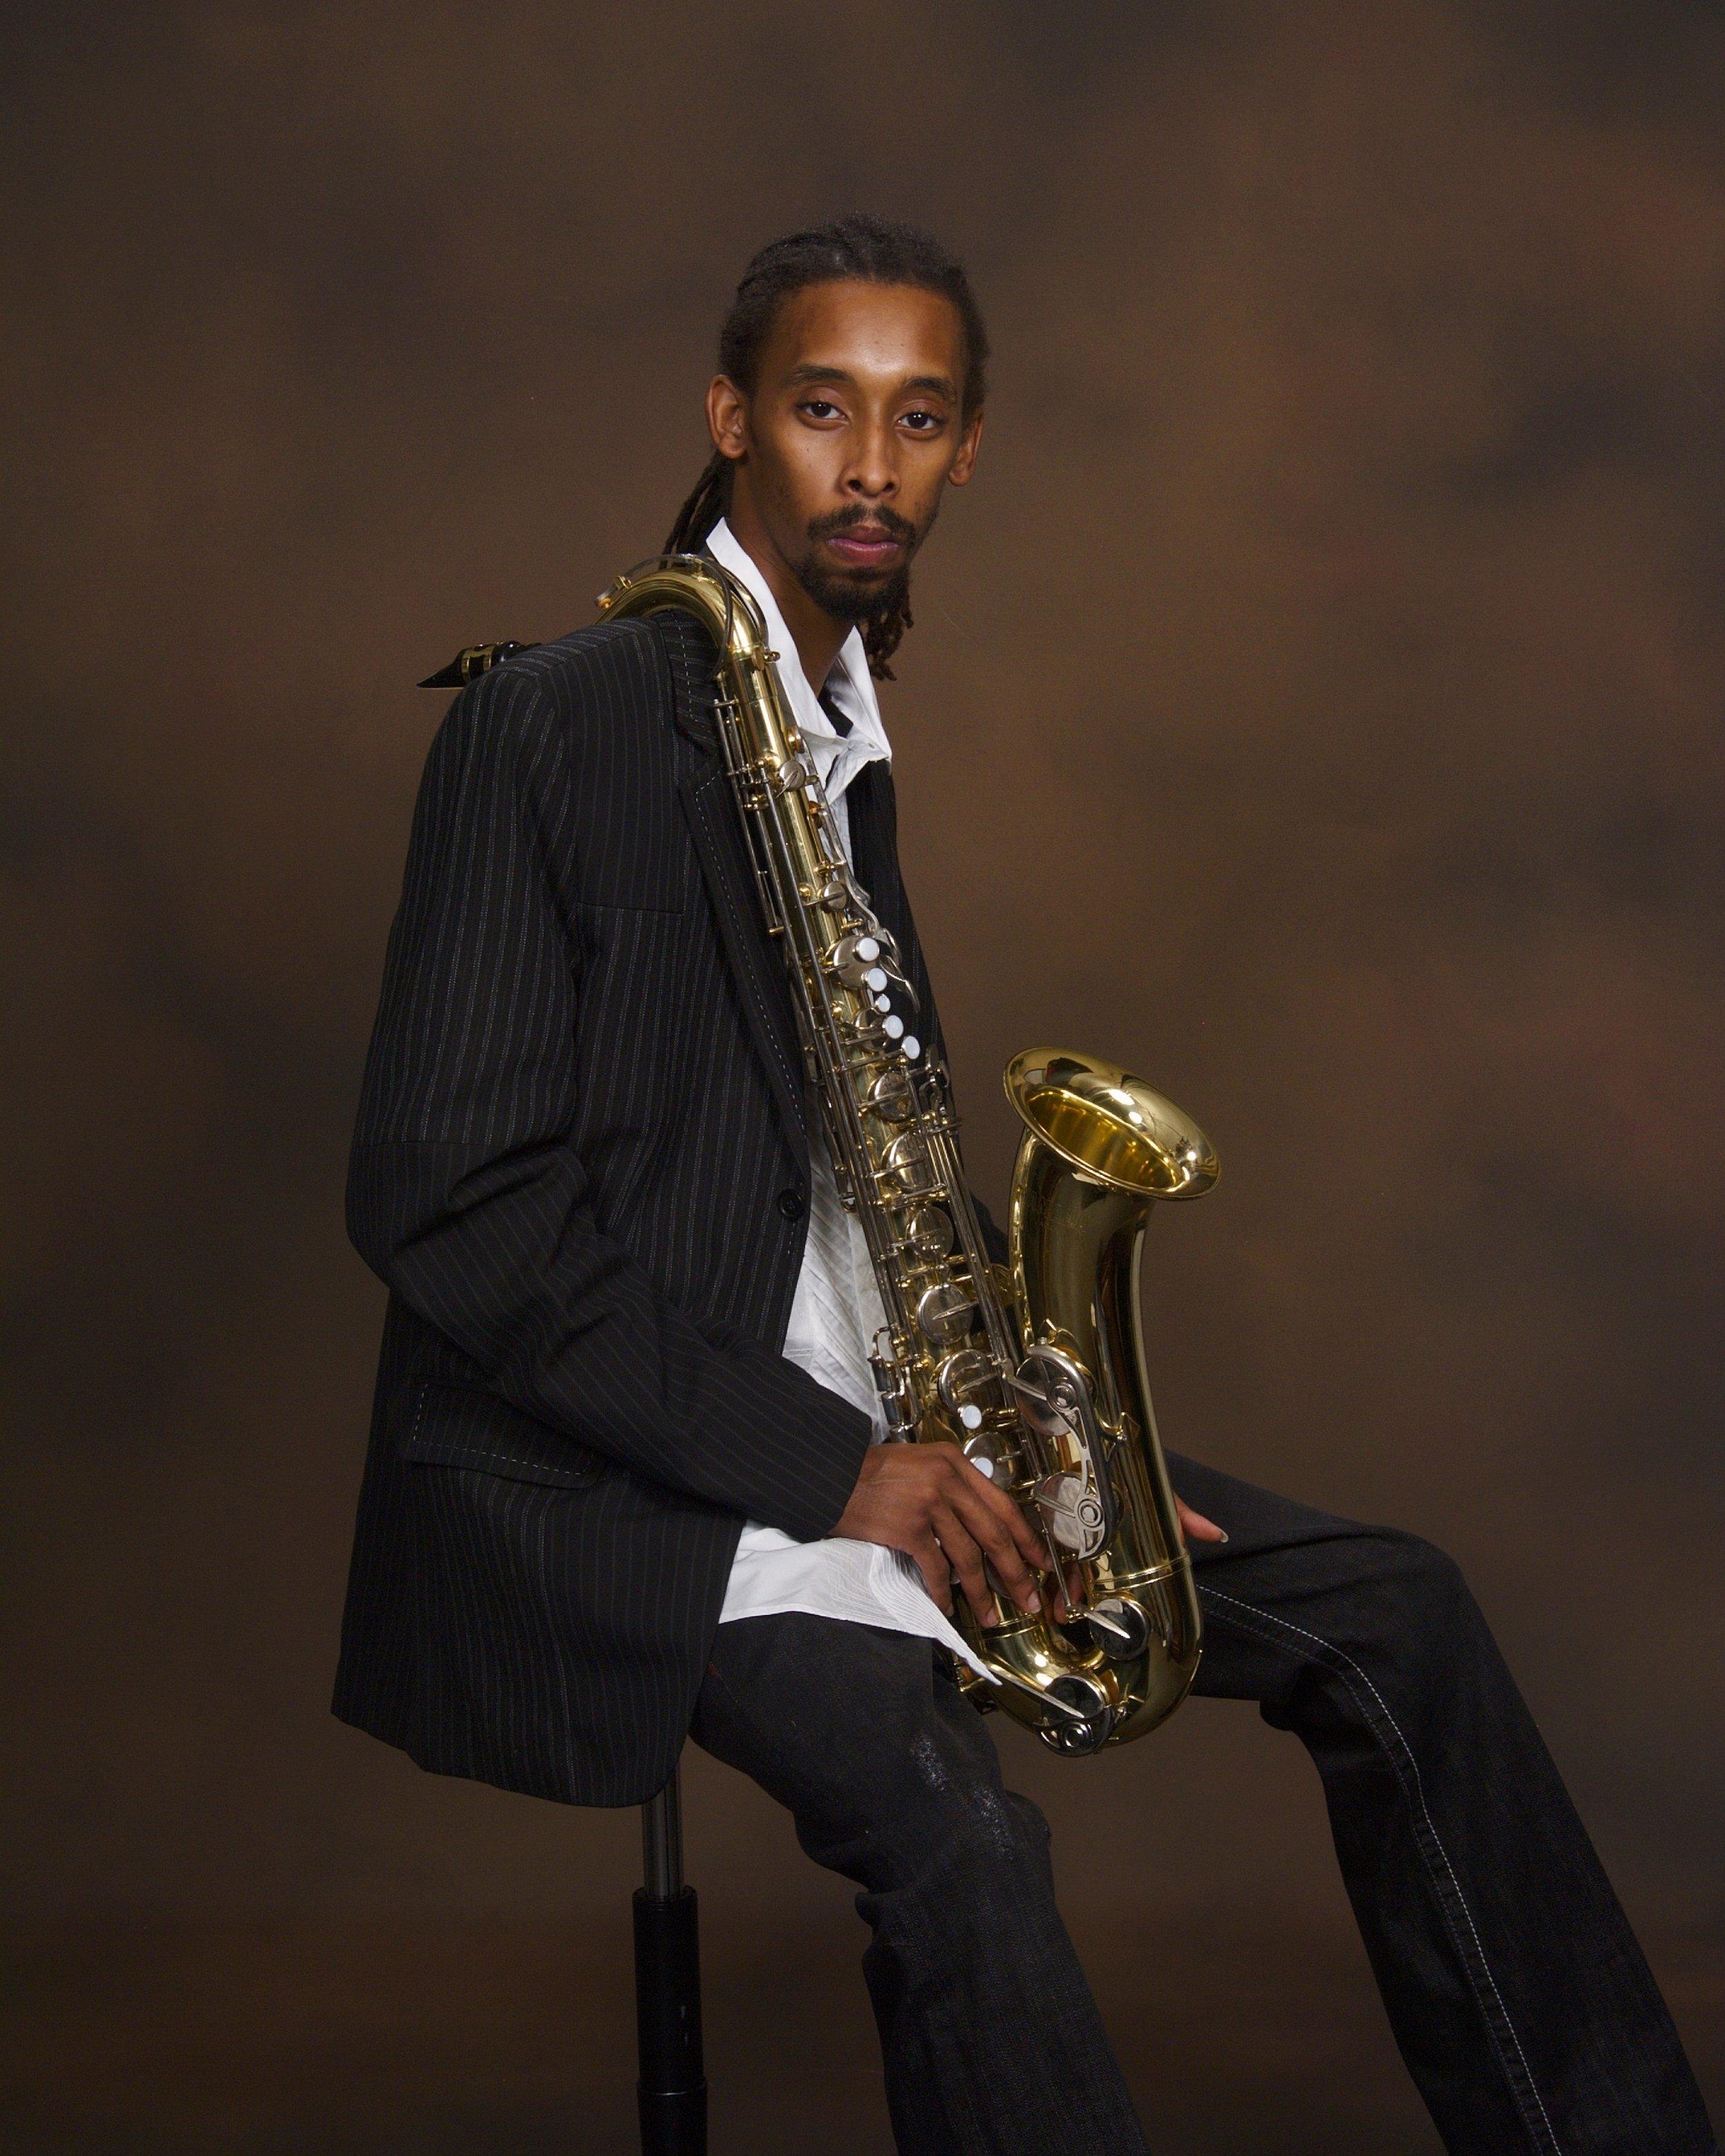 Michael Emmanuel